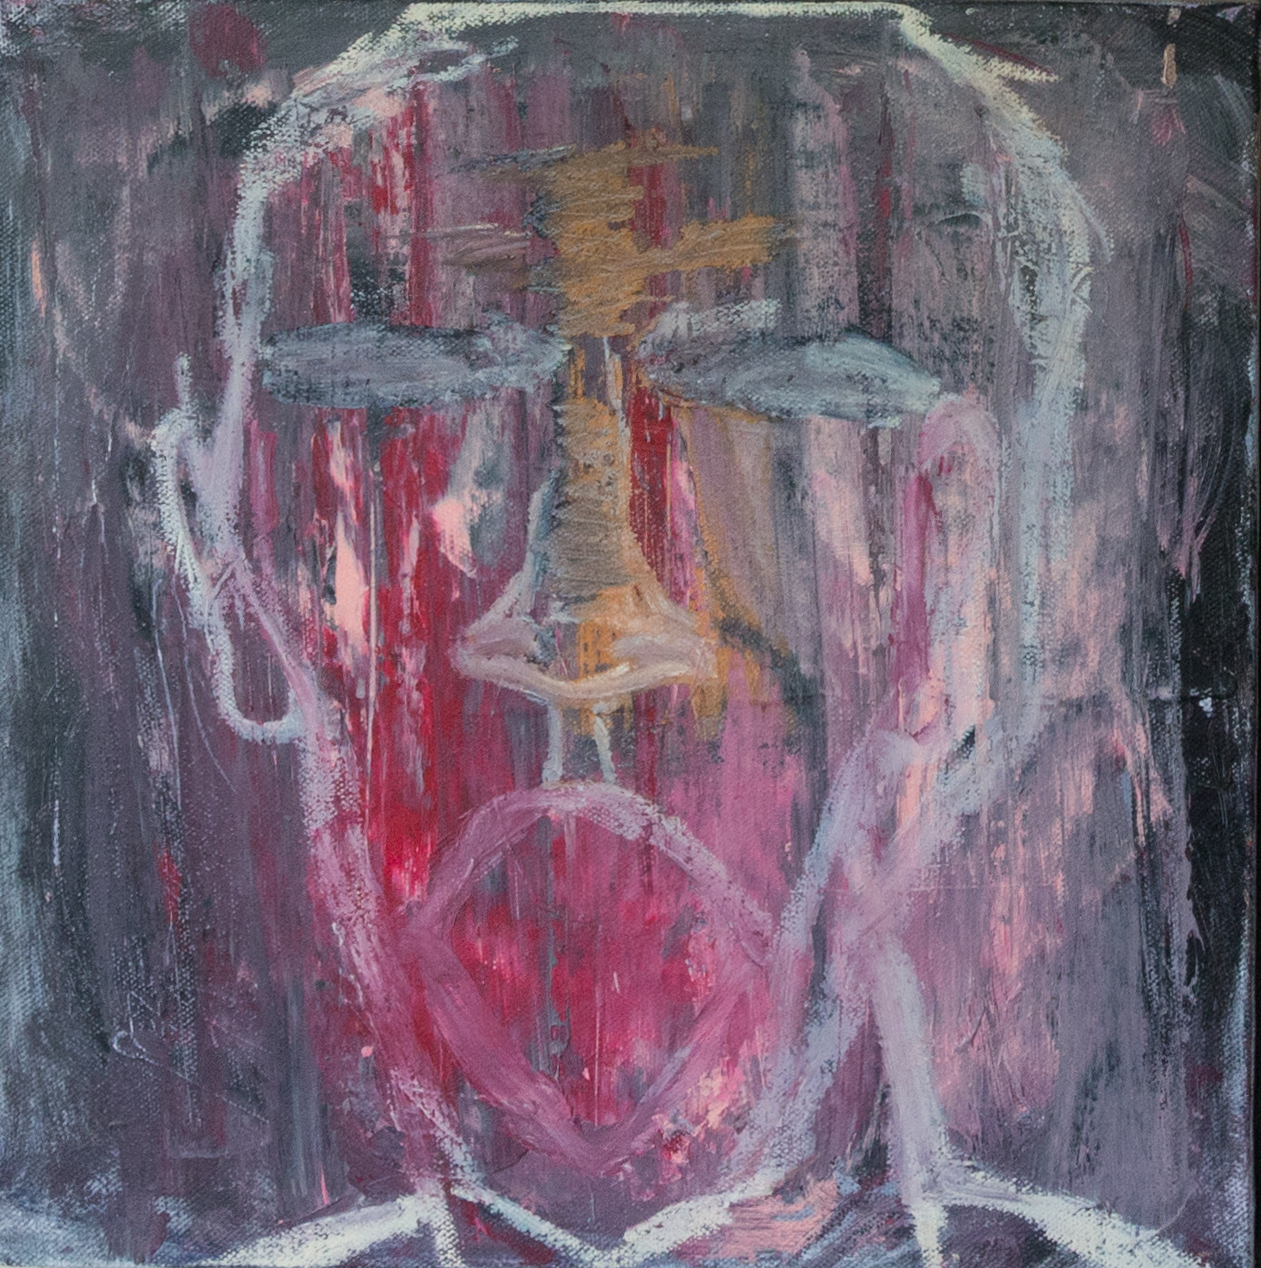 STOLEN ART, OIL ON CANVAS, 19x19.jpg